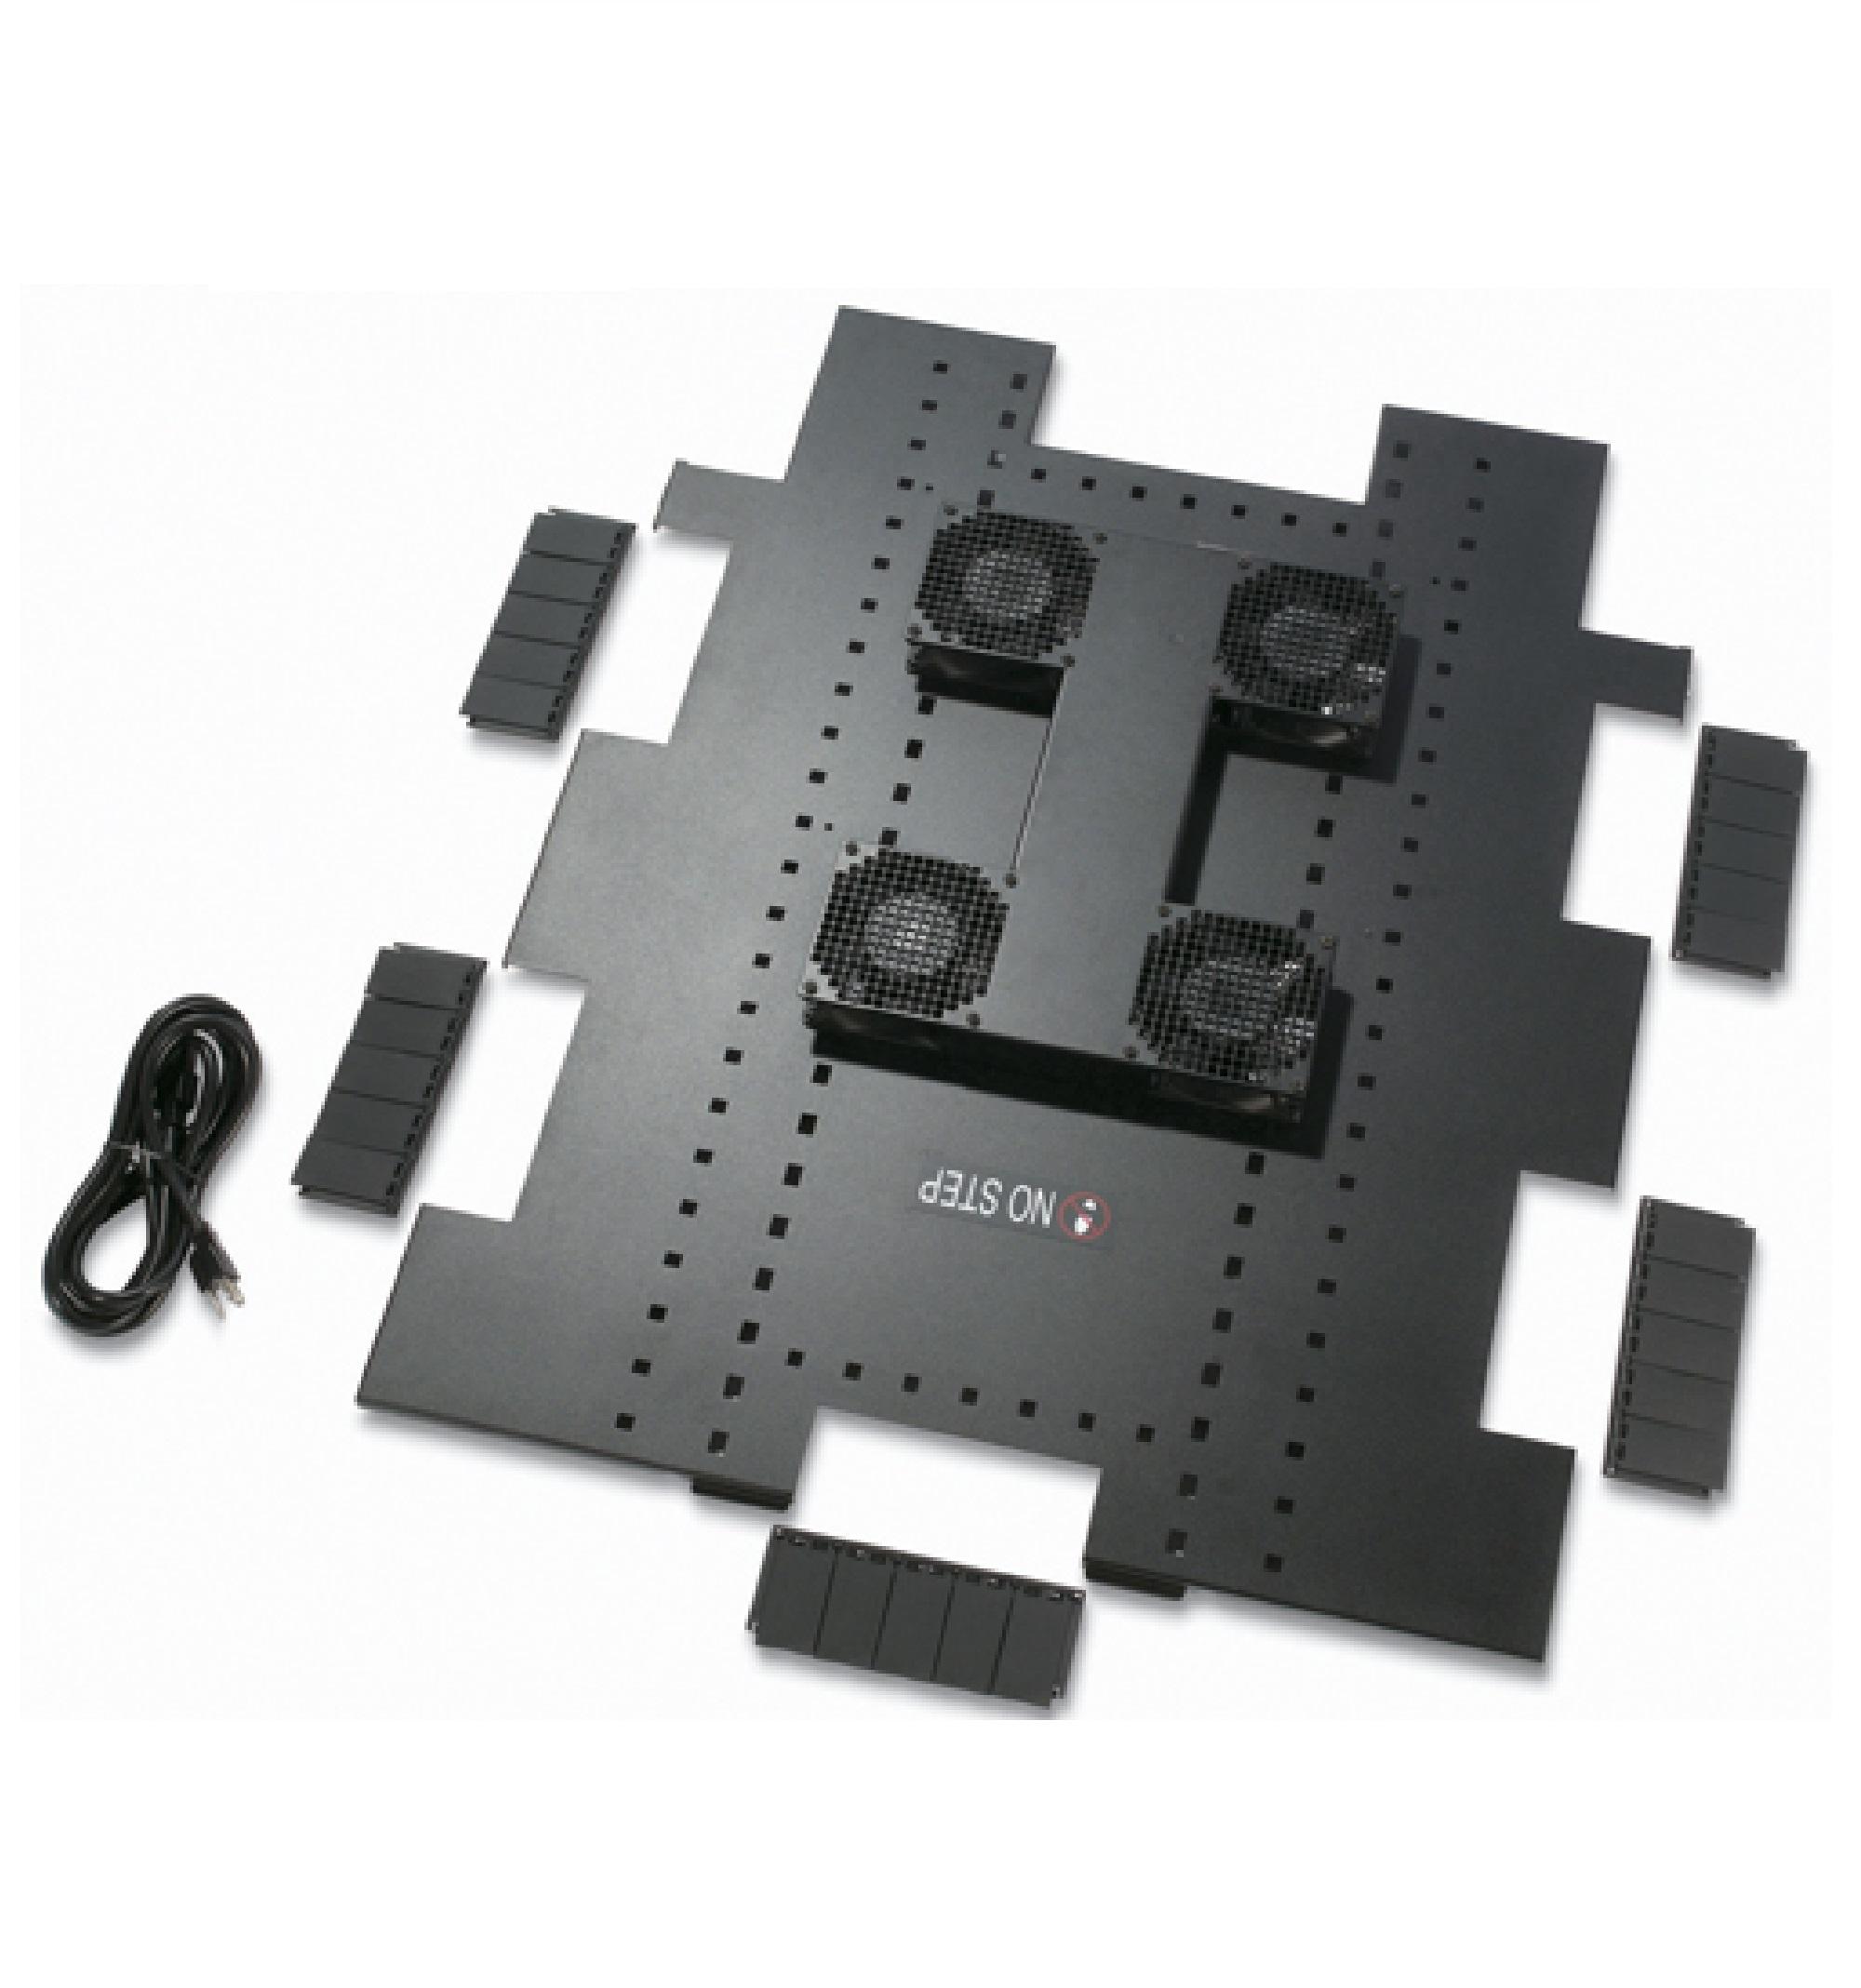 Bandeja para ventilador de teto 120 VCA, 50/60 HZ, para invólucros NetShelter SX de 750 mm de largura x 1070 mm de profundidade